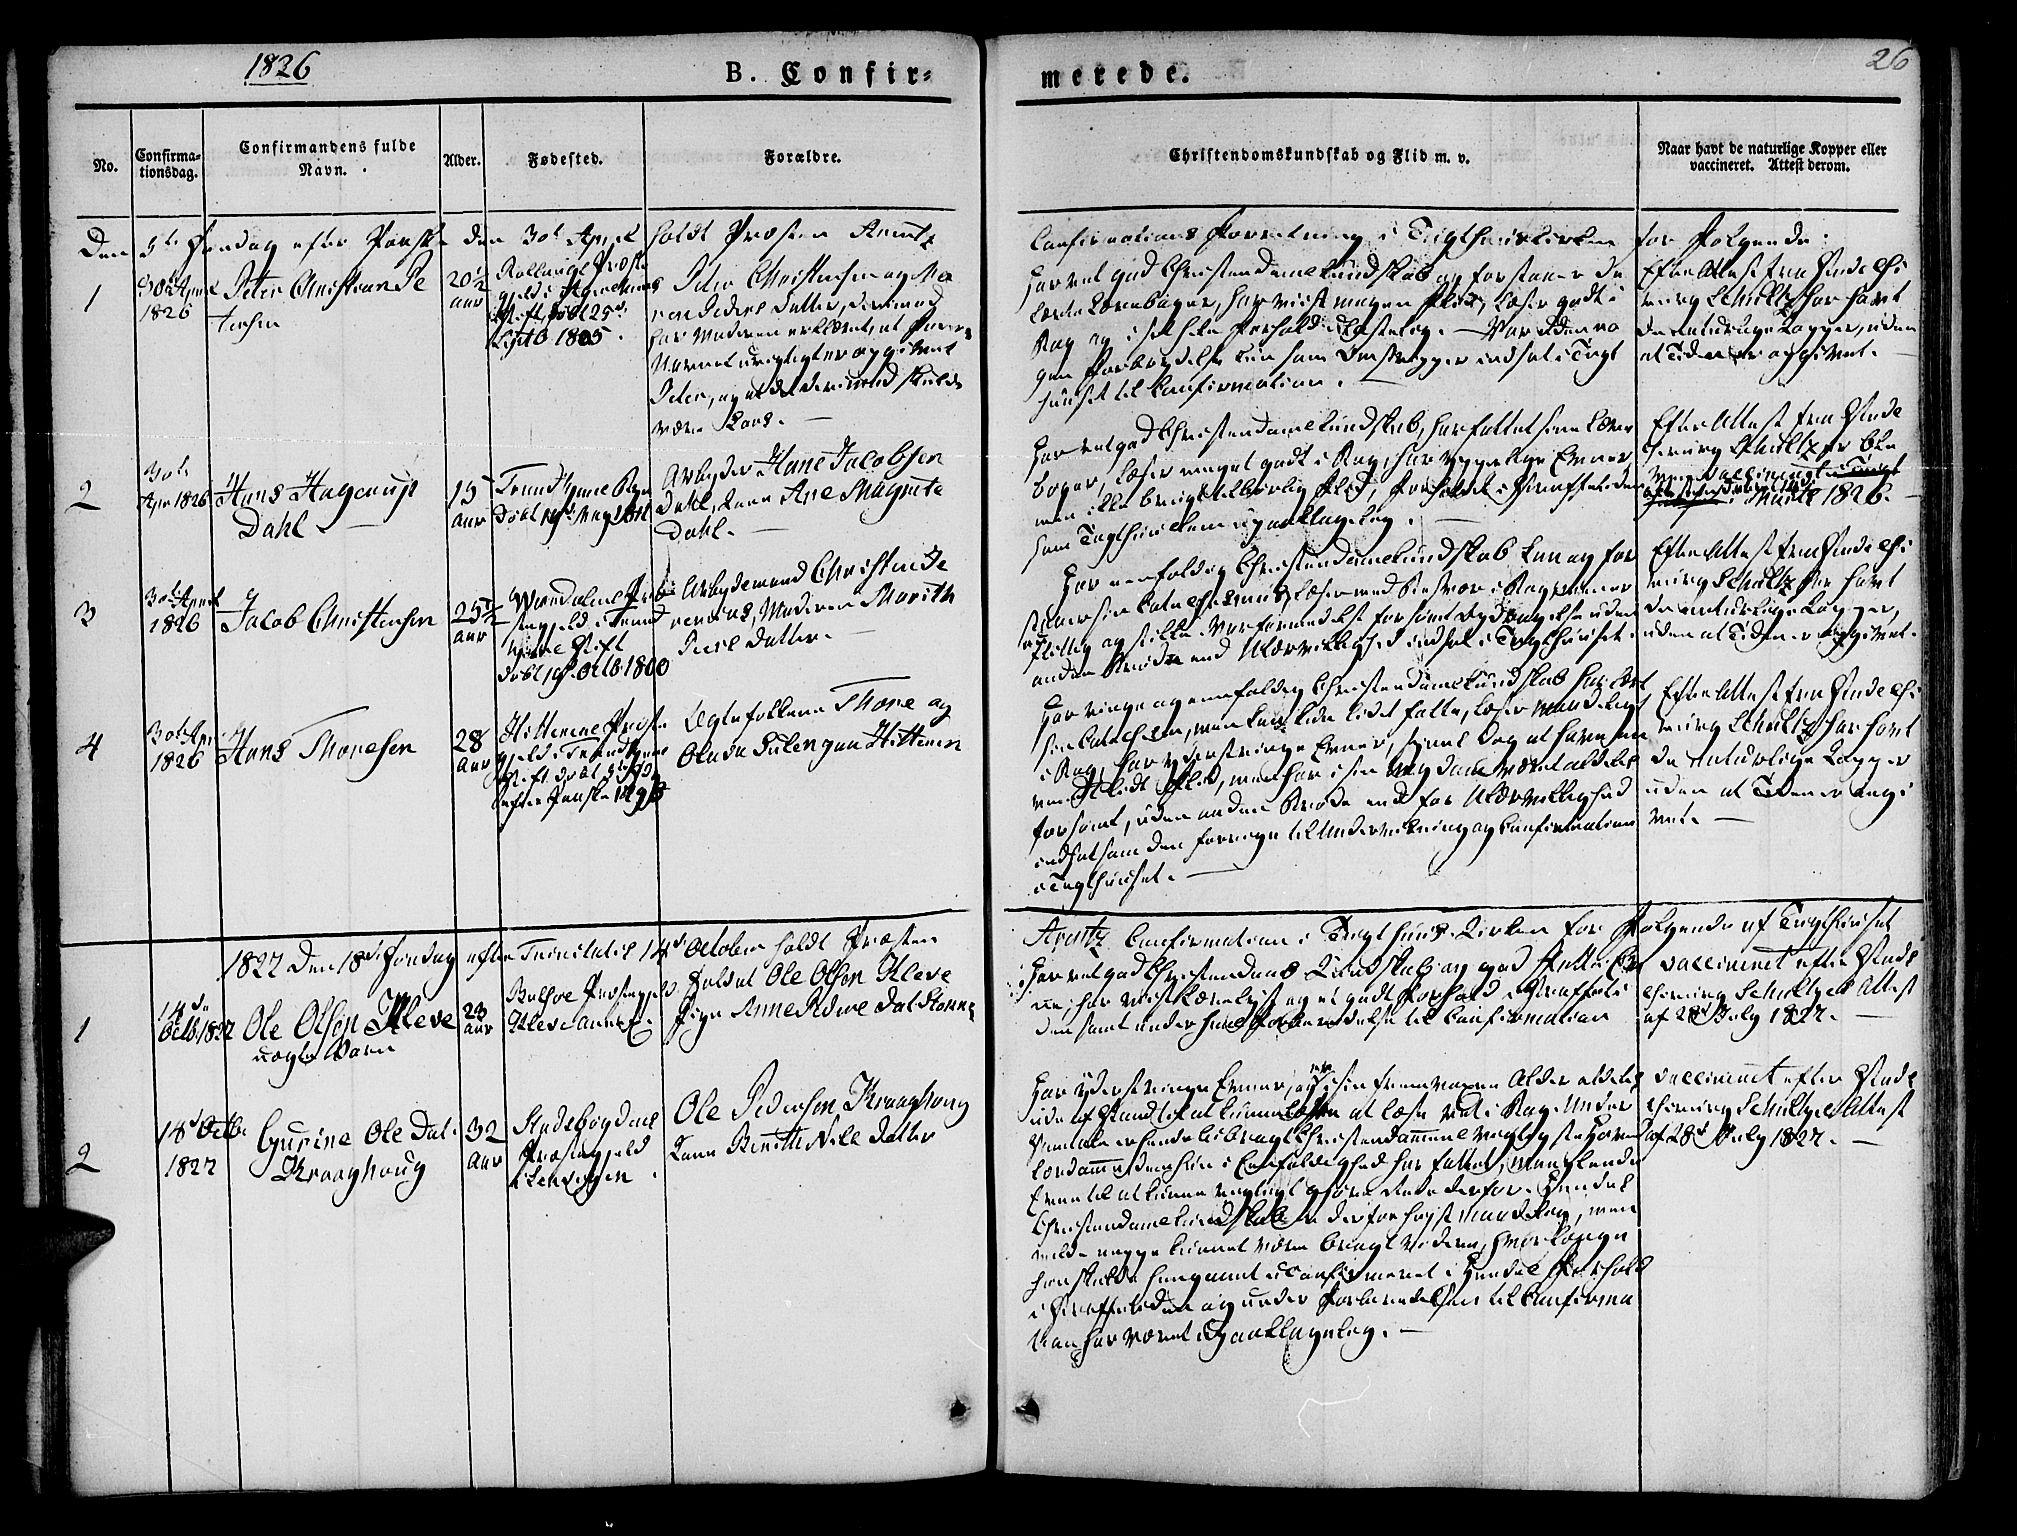 SAT, Ministerialprotokoller, klokkerbøker og fødselsregistre - Sør-Trøndelag, 623/L0468: Ministerialbok nr. 623A02, 1826-1867, s. 26